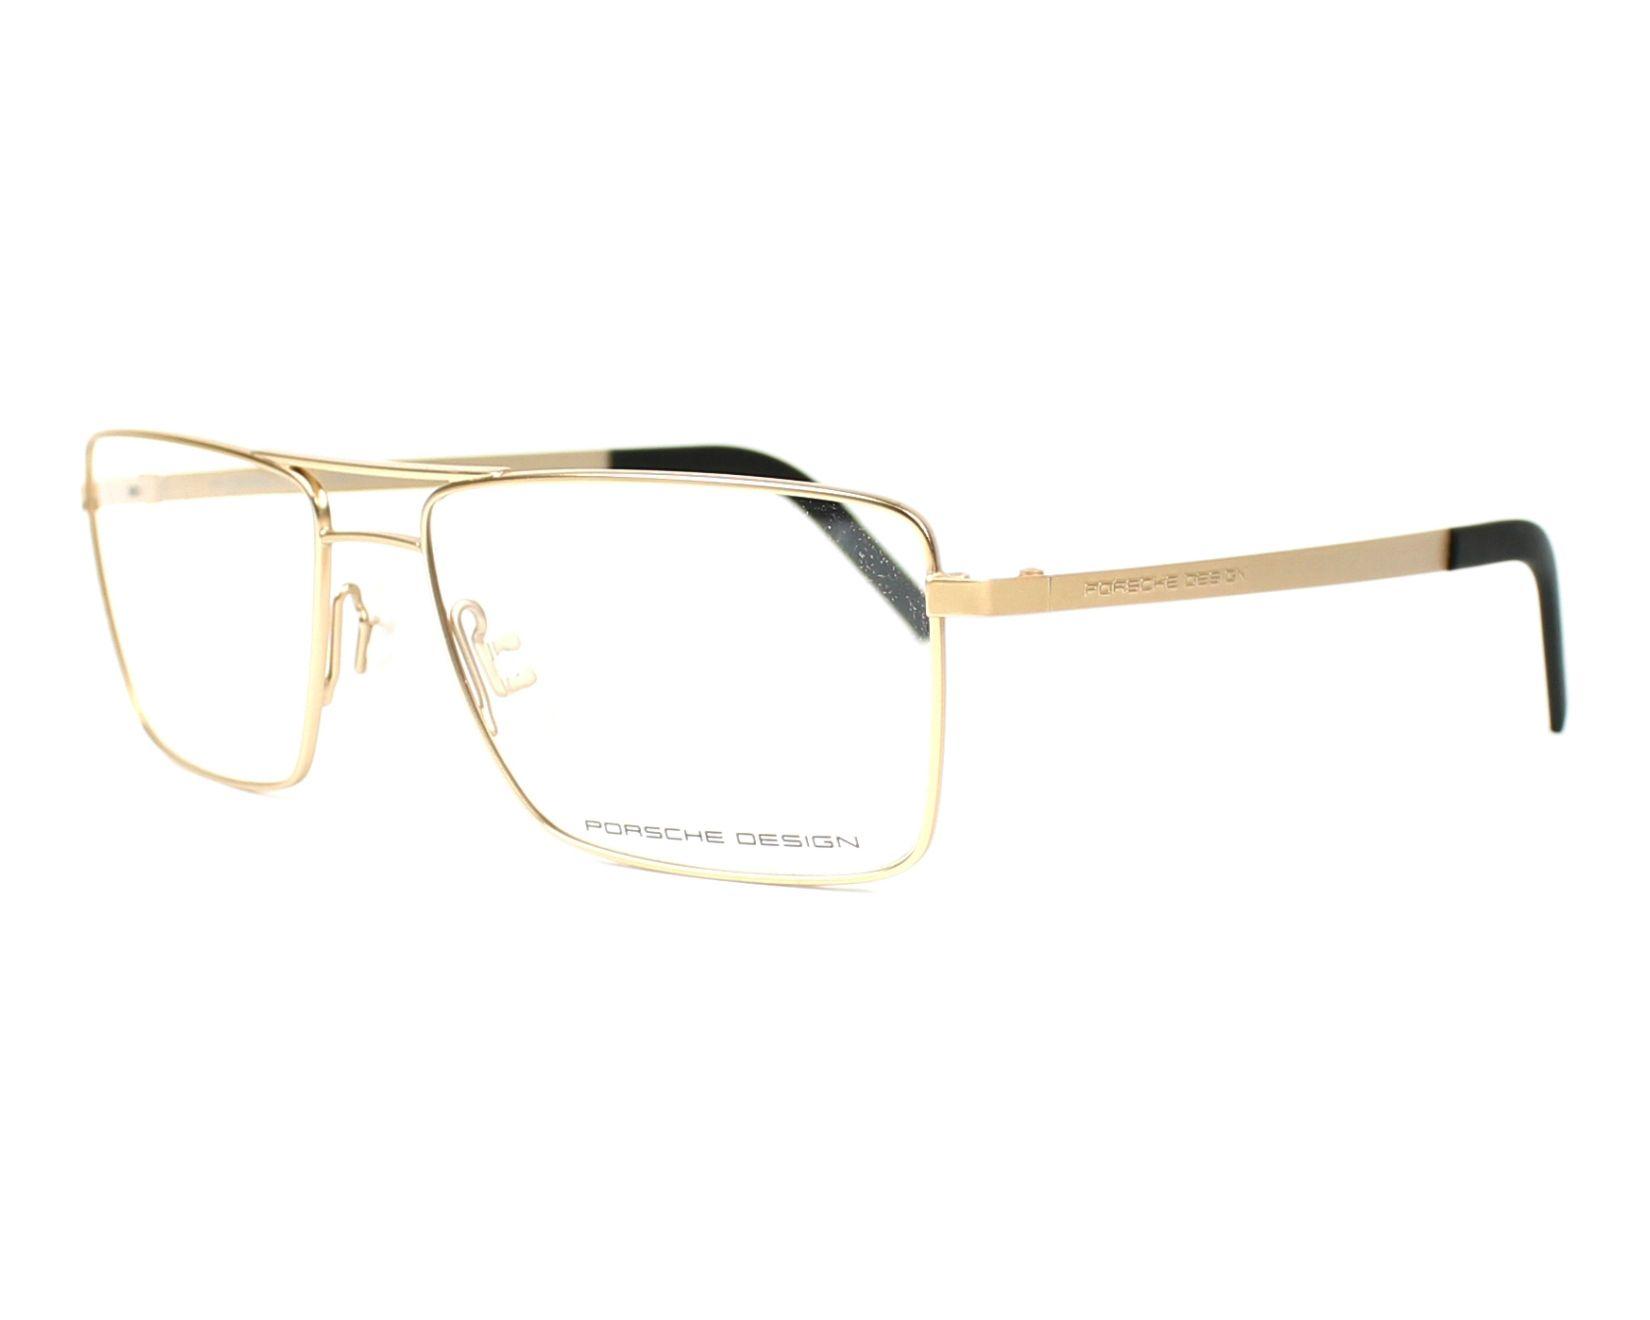 2123db3a09 Porsche Design - Buy Porsche Design eyeglasses online at low prices